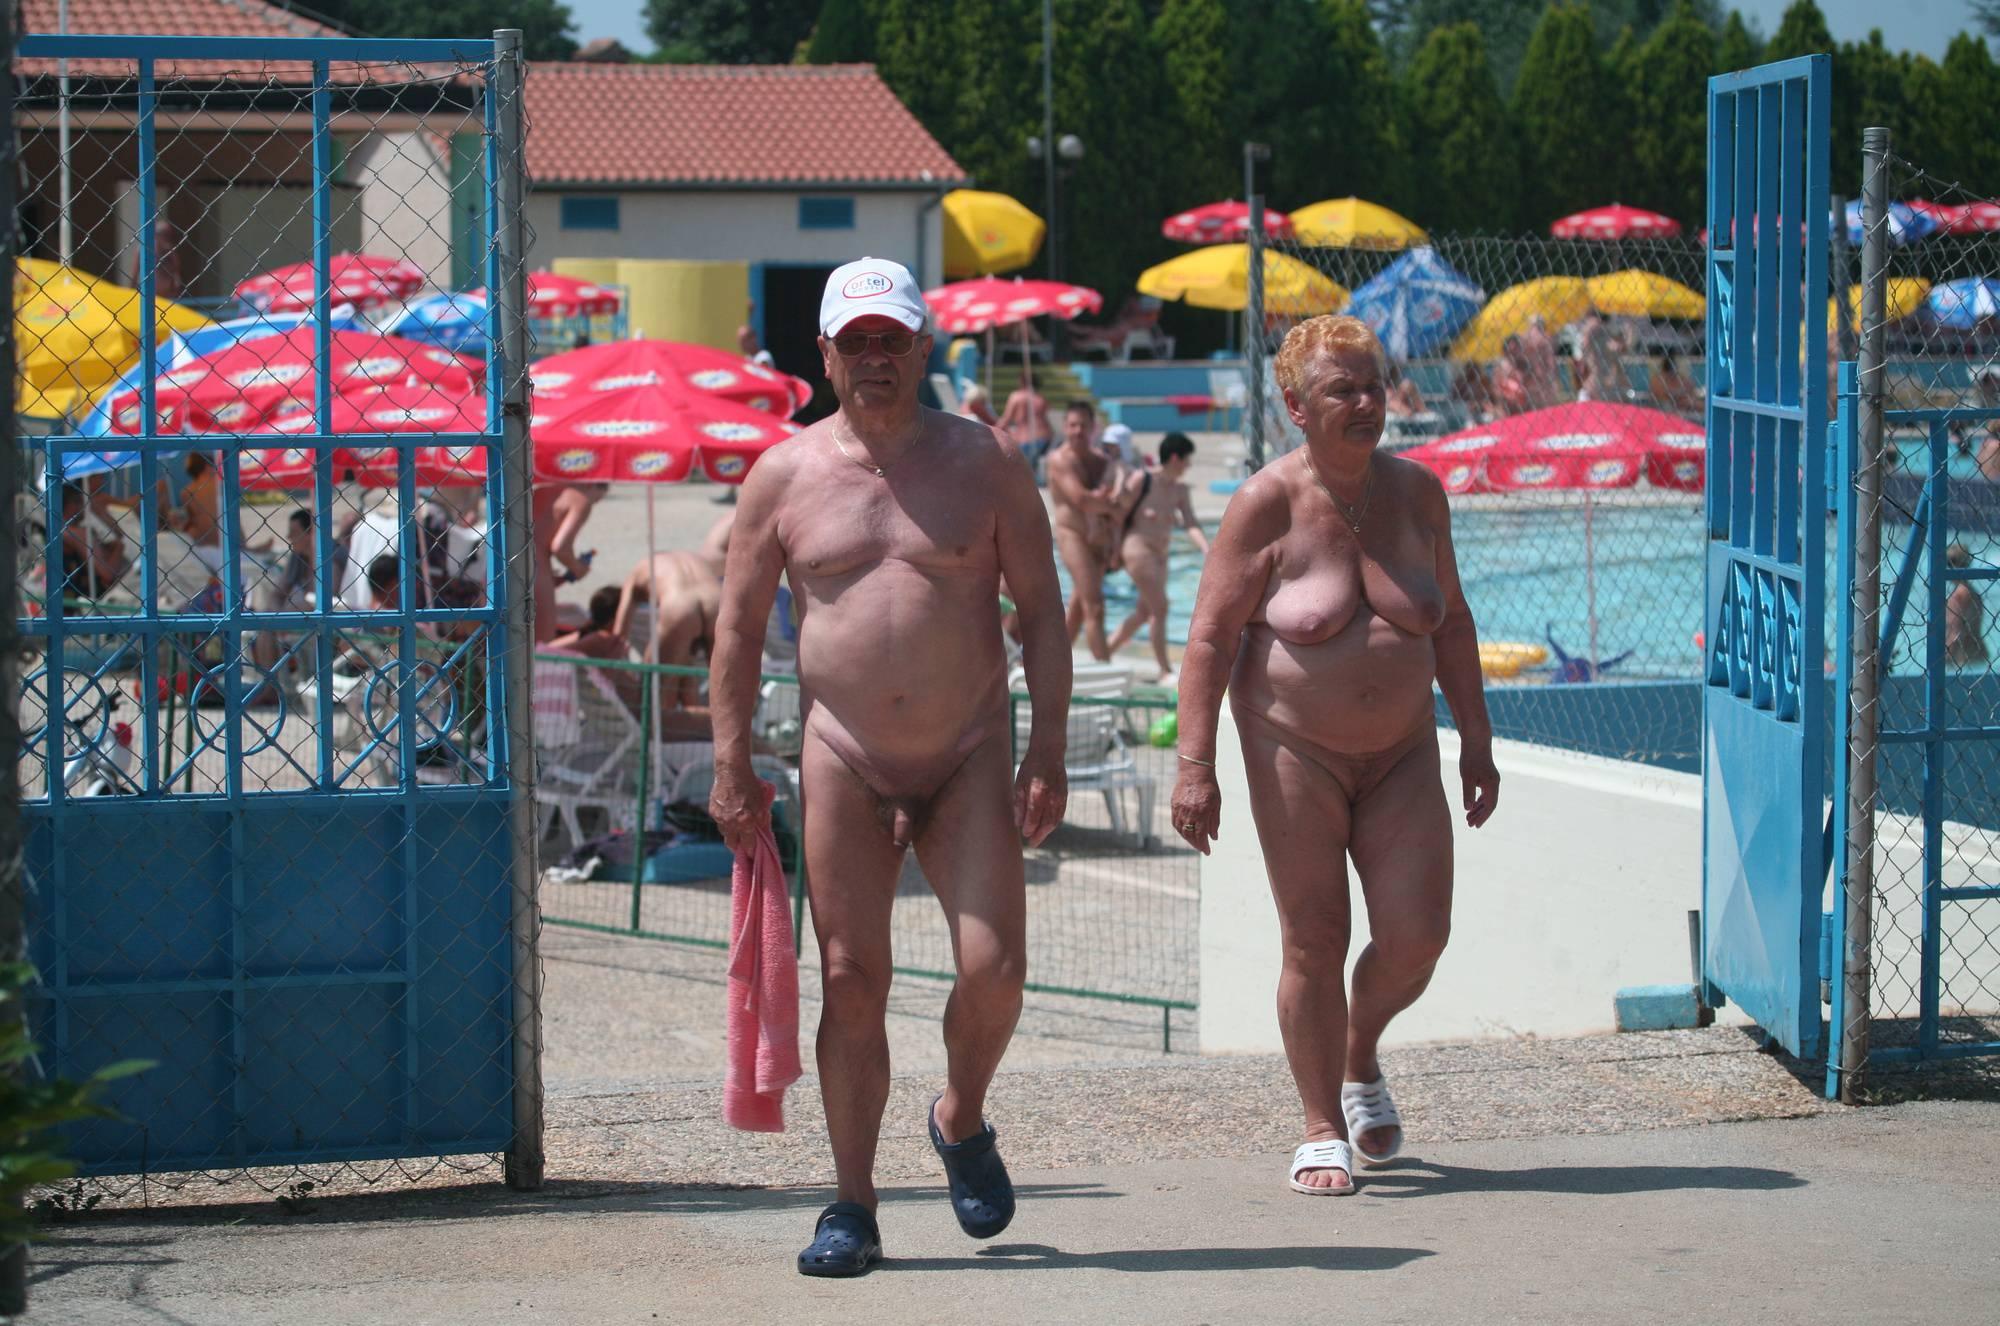 Nudist Pool Guests Enter - 2